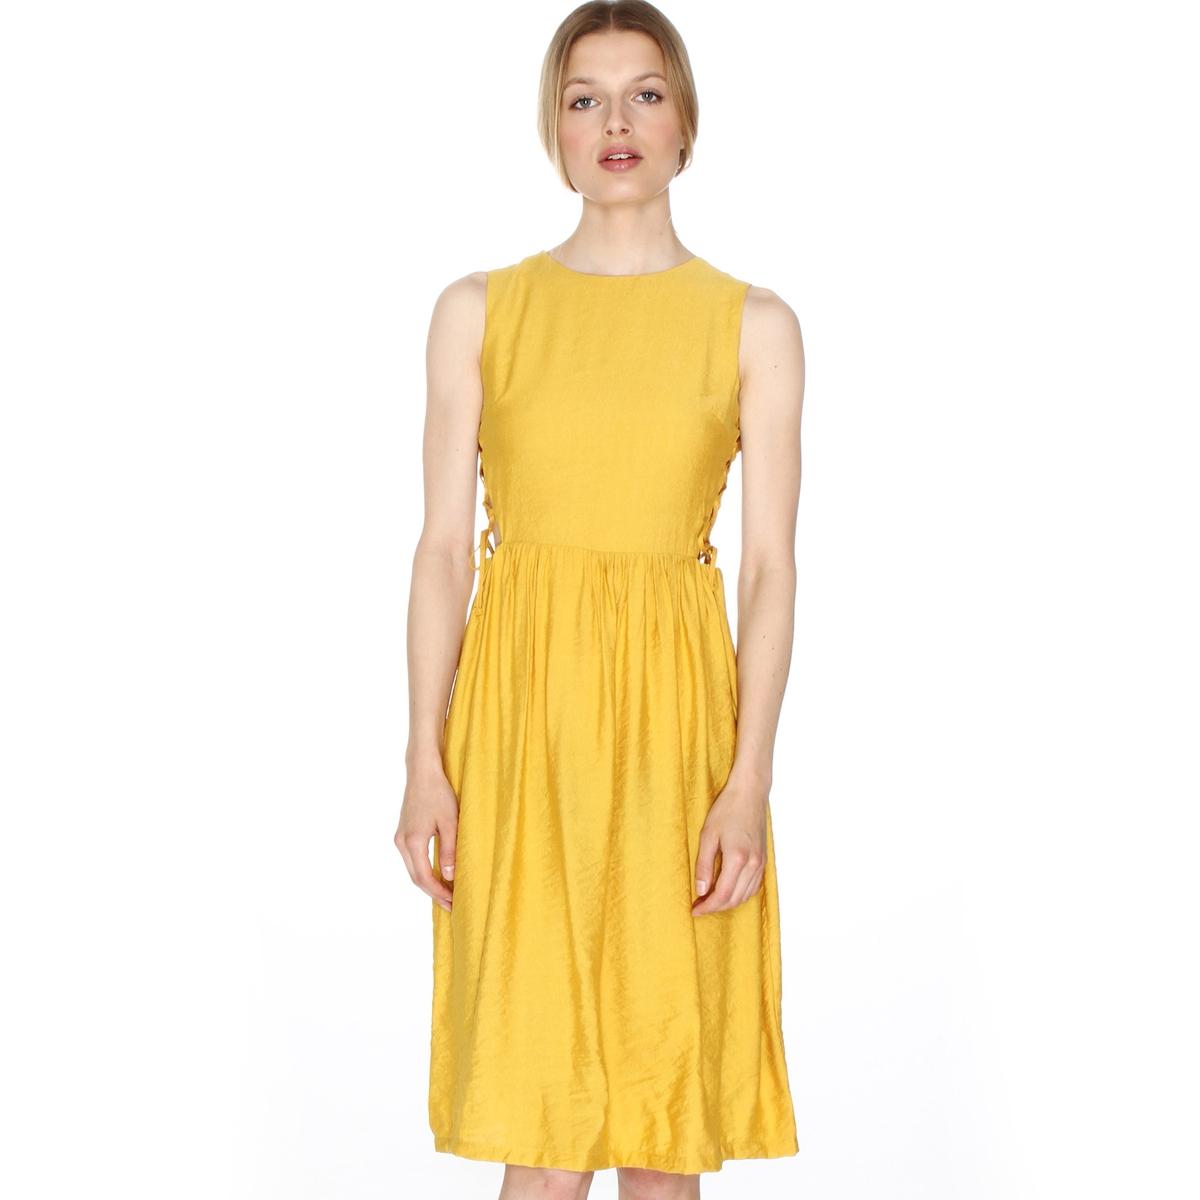 Платье расклешенное без рукавов, на шнуровке сбокуМатериал : 45% полиамида, 55% полиэстера  Длина рукава : тонкие бретели  Форма воротника : круглый вырез Покрой платья : расклешенное платье Рисунок : однотонная модель   Длина платья : до колен<br><br>Цвет: желтый горчичный